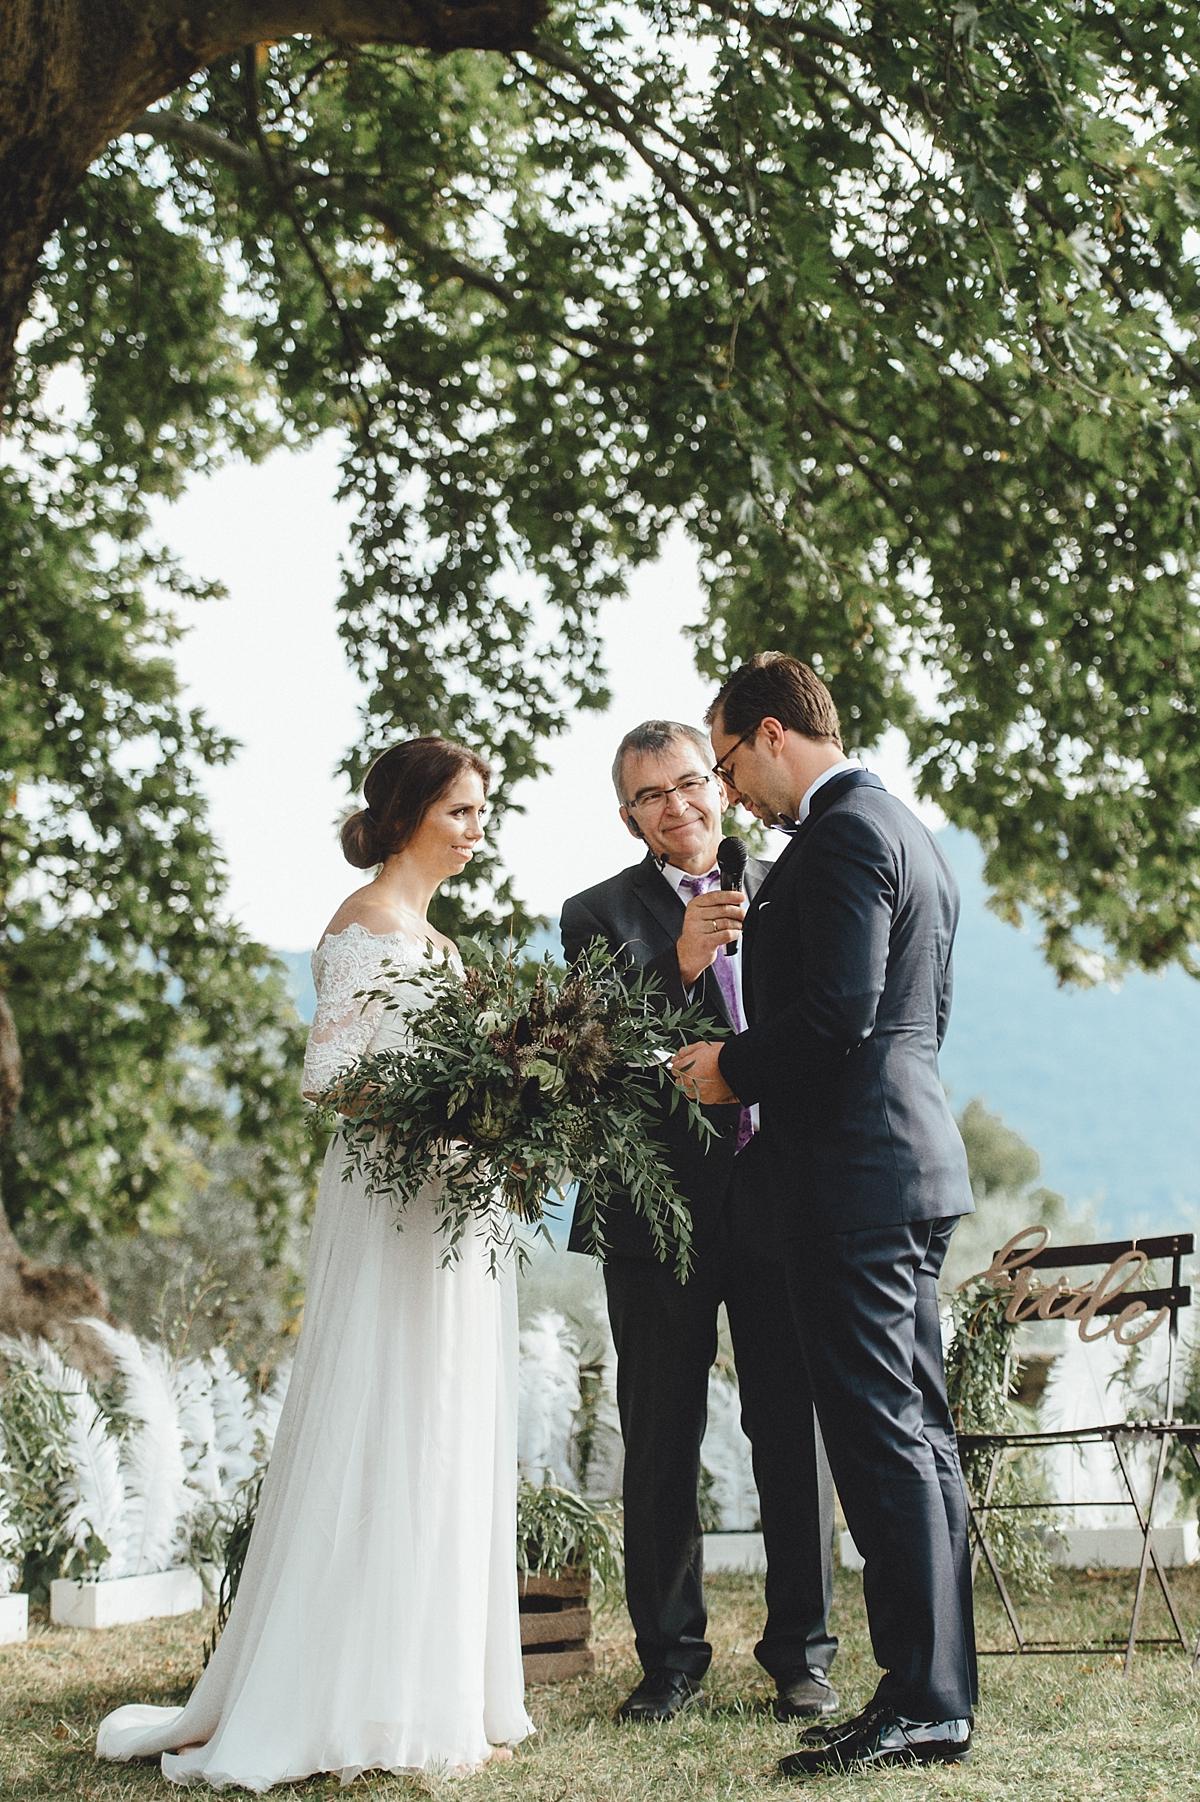 hochzeitsfotograf toskana Kristina & Daniel Mediterrane Toskana Hochzeithochzeitsfotograf toskana italien 2145